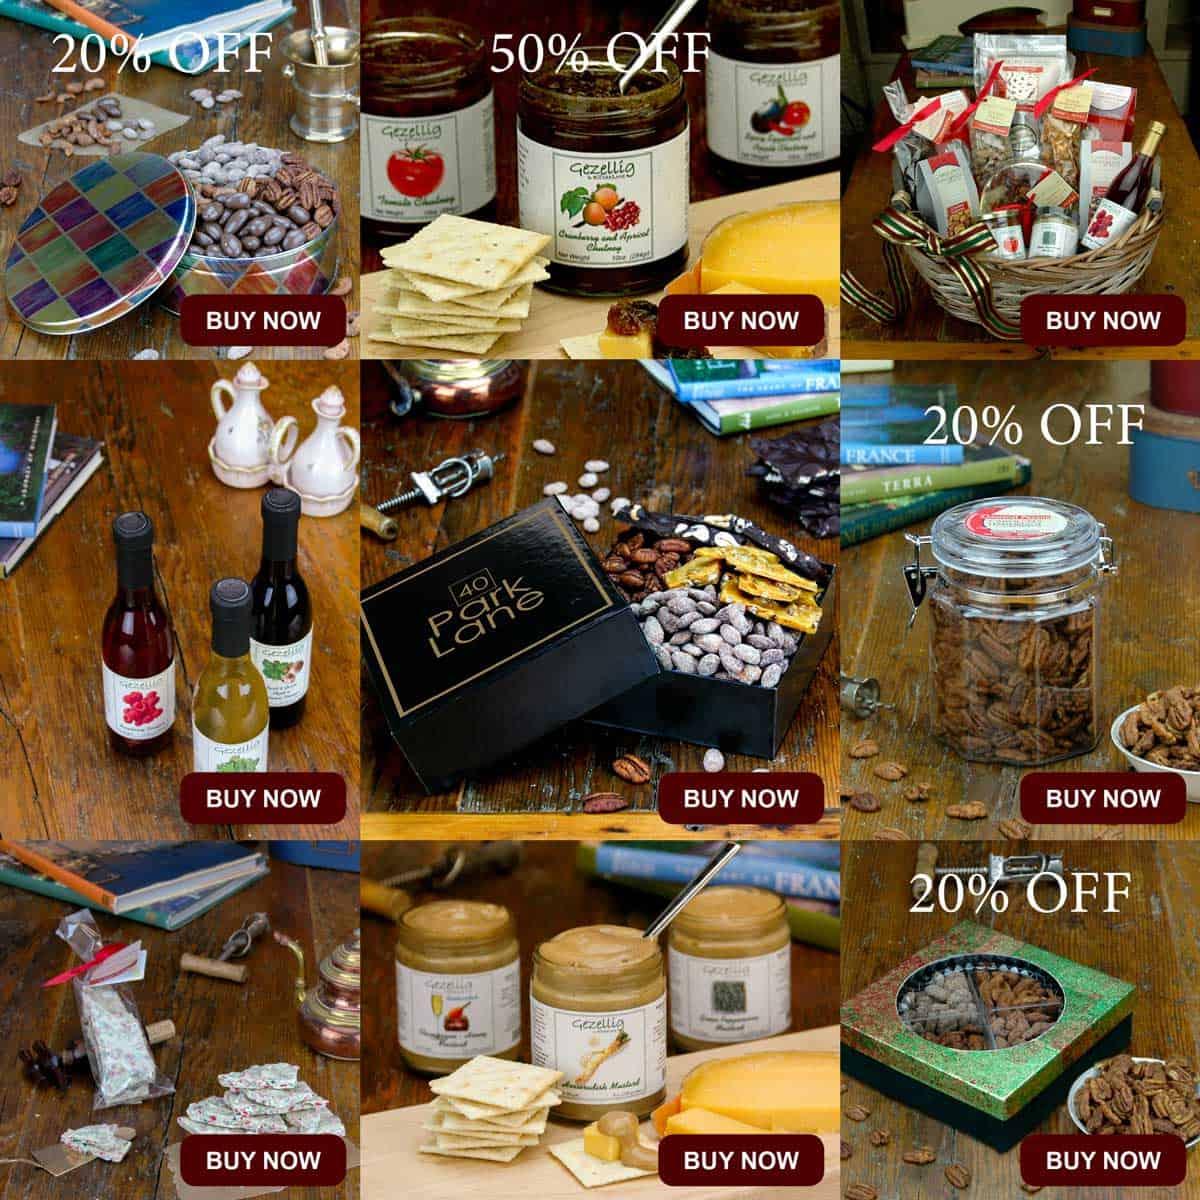 Email Marketing Portfolio - Promotion - Roasted Nuts, English Toffee, Chocolate Bark